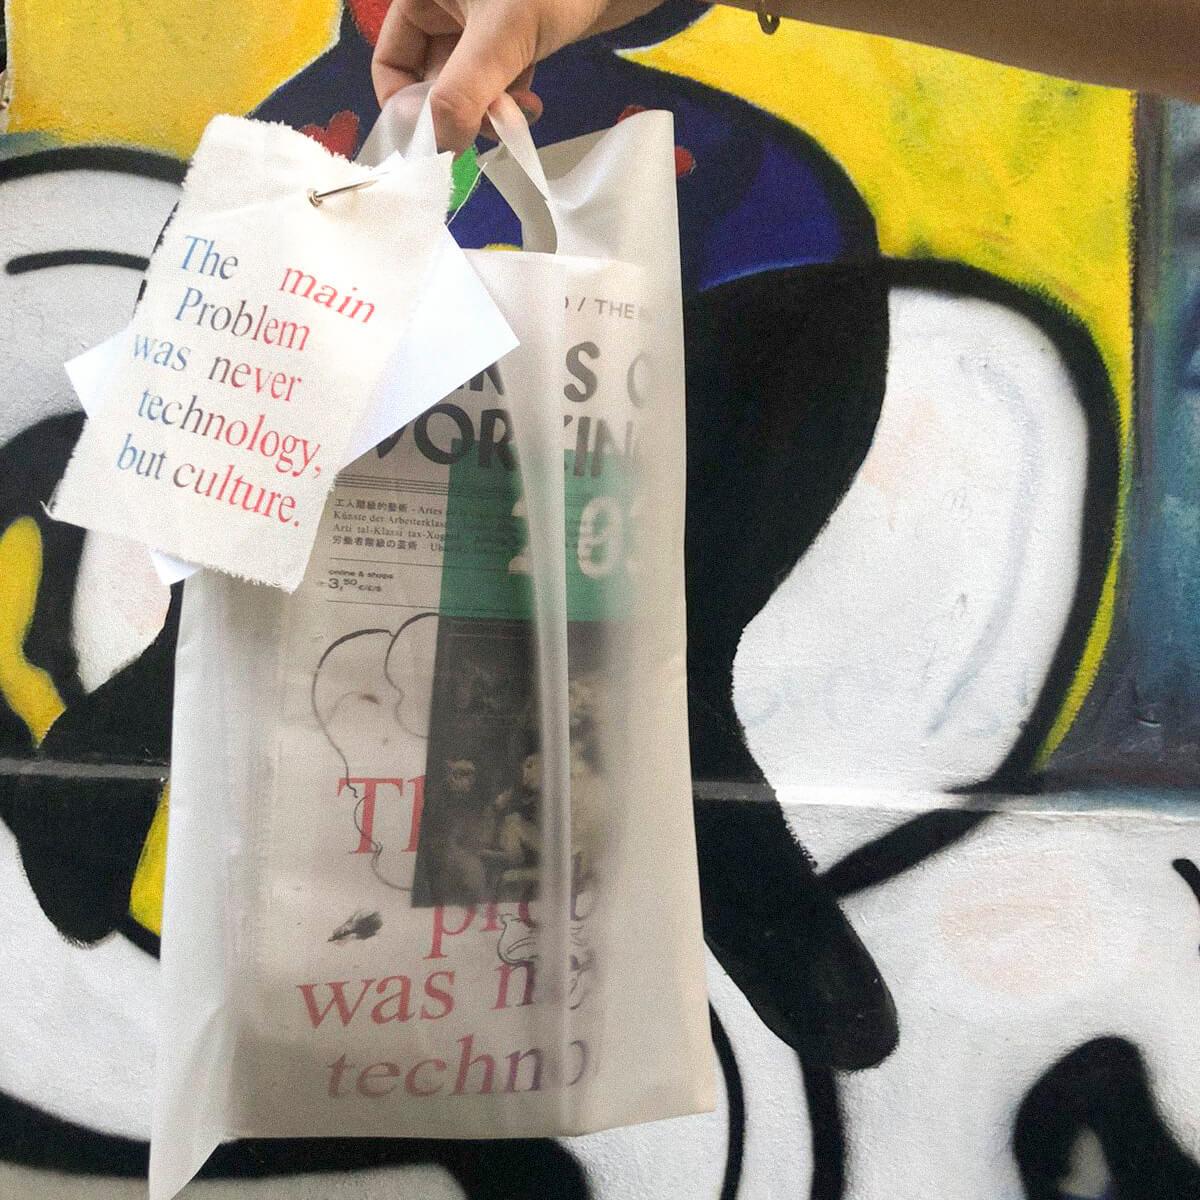 Meinungsbilder, Identitätspolitik und Kunstdiskurs: Die polyglotte Straßenzeitung Arts of the Working Class 2